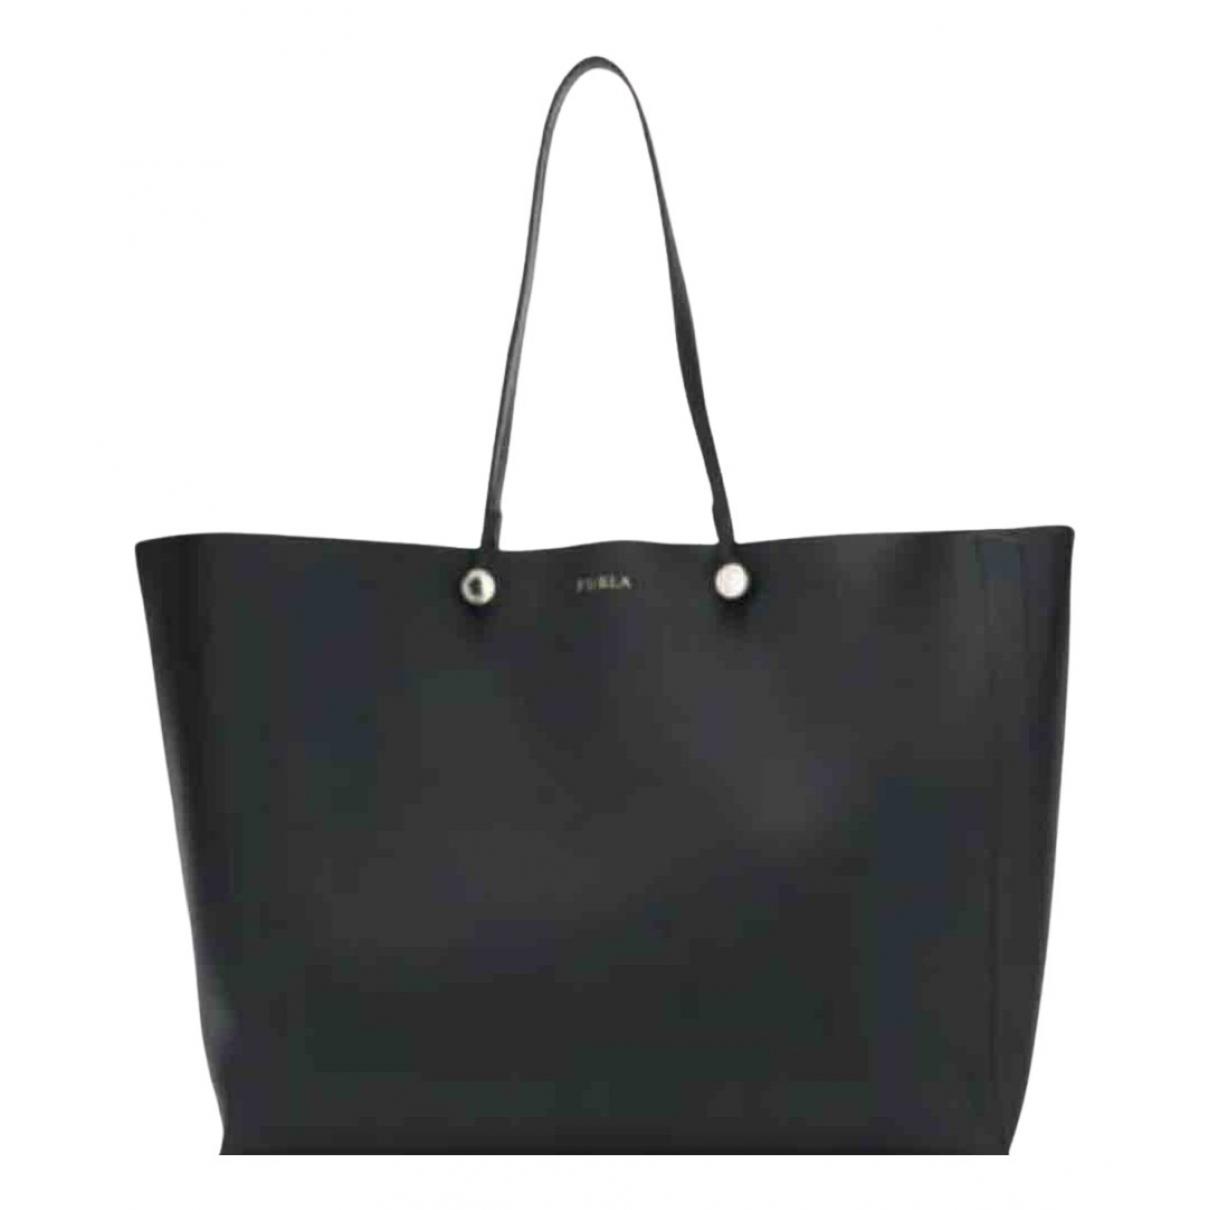 Furla \N Black Leather Clutch bag for Women \N